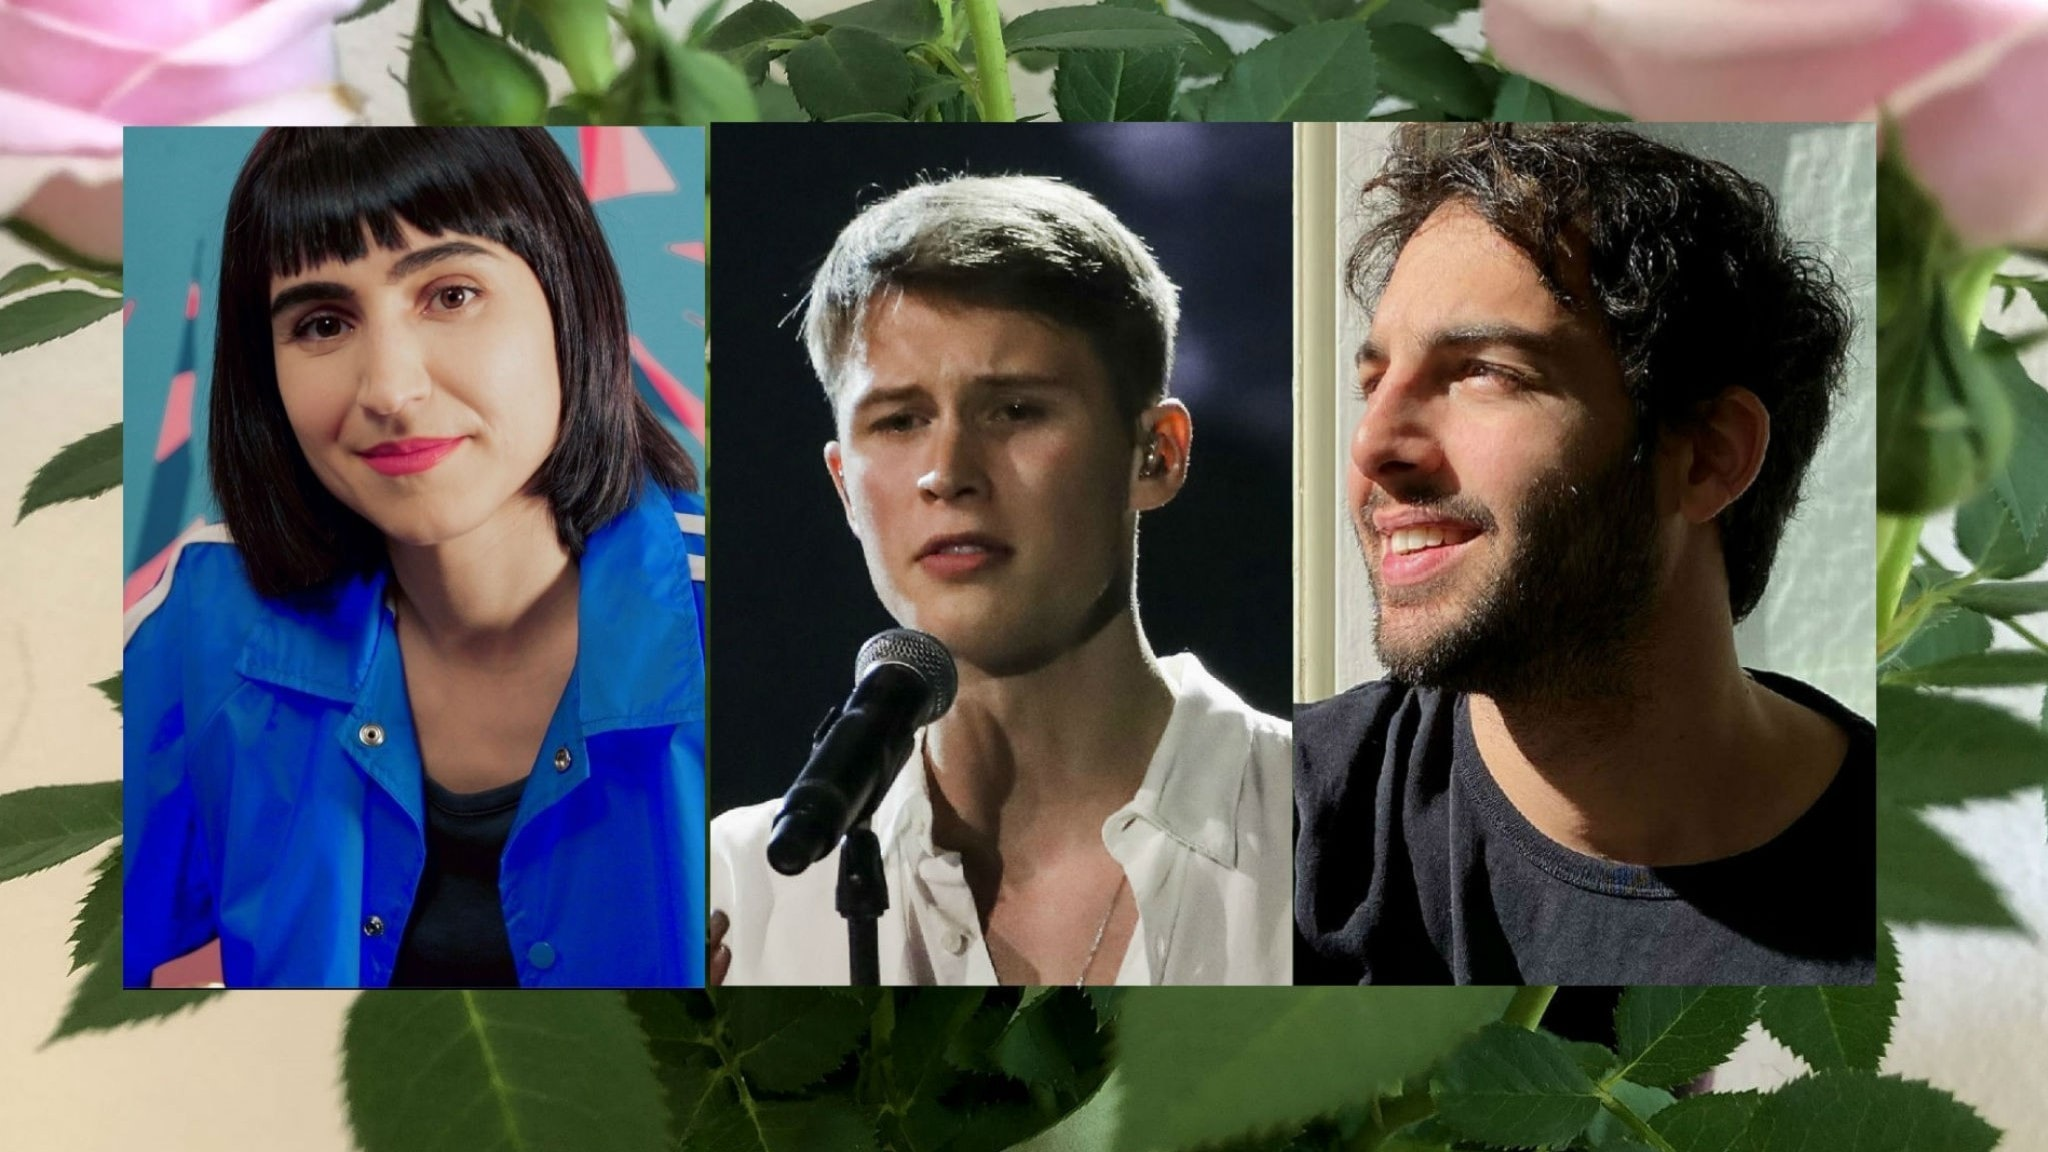 Närbilder på Laleh, Victor Leksell och Darin på ett fotomontage där man kan ana rosor i bakgrunden.